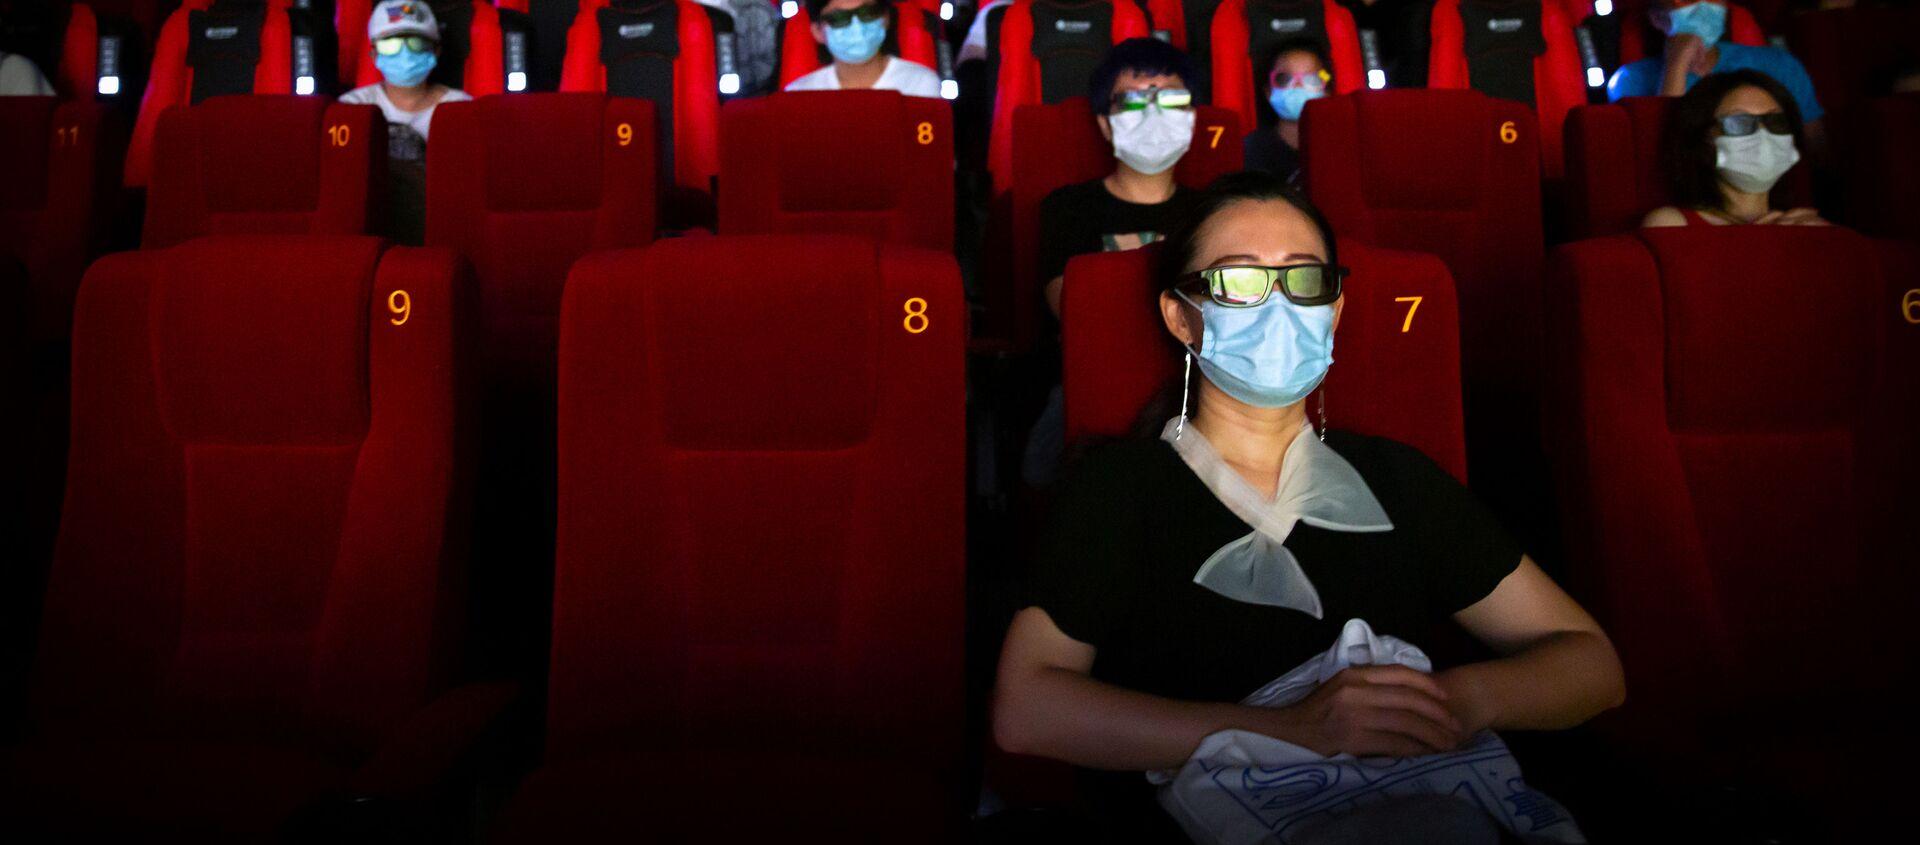 Khách đeo khẩu trang ở rạp chiếu phim Bắc Kinh, Trung Quốc. - Sputnik Việt Nam, 1920, 24.02.2021